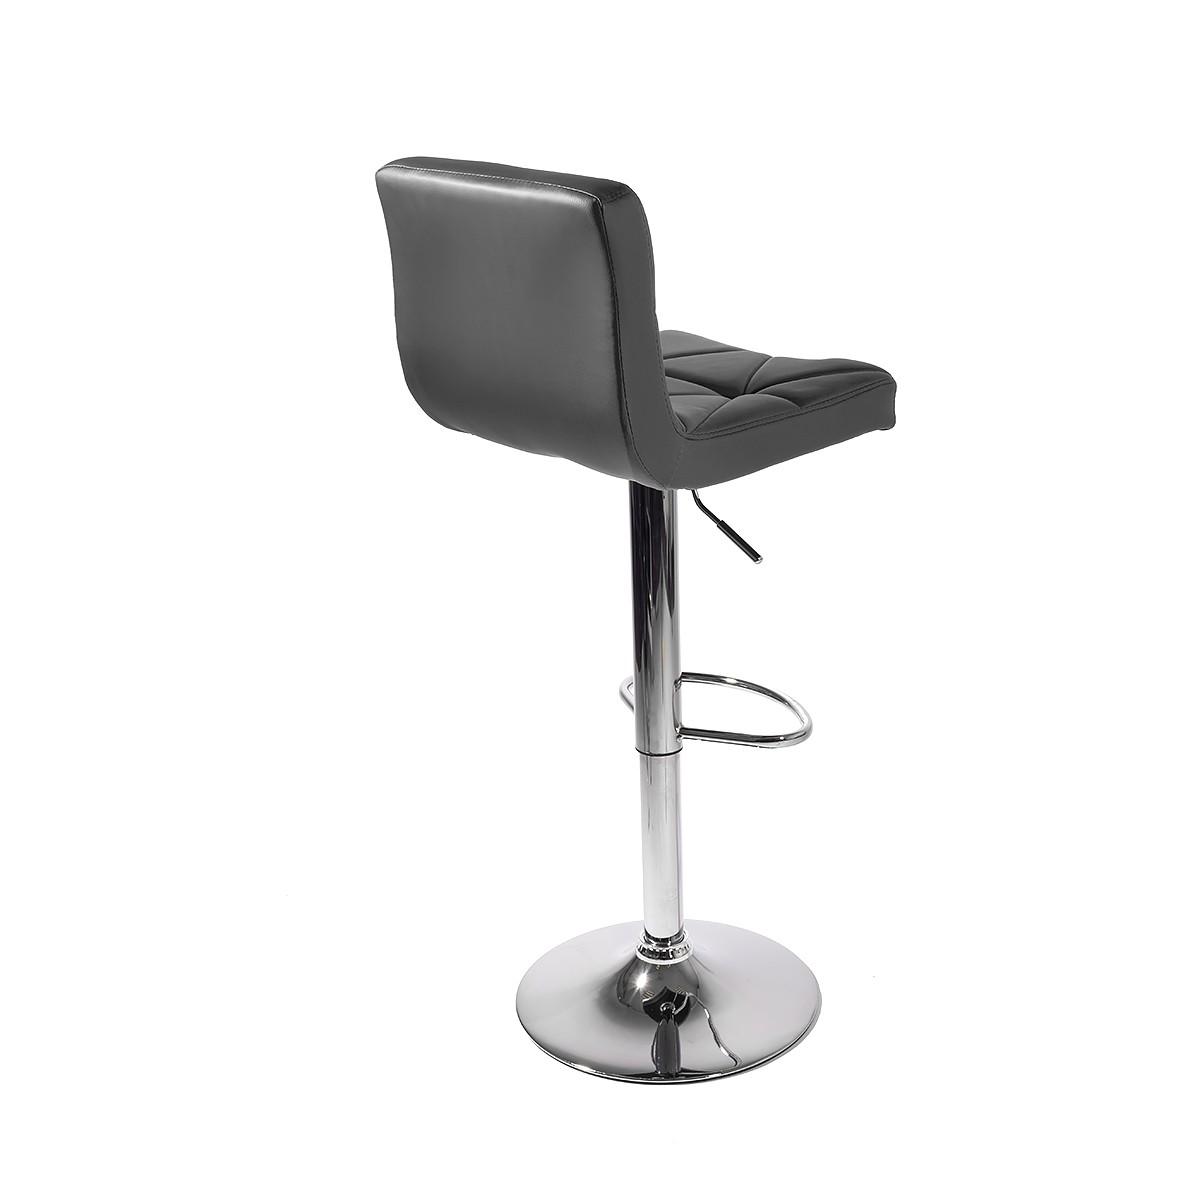 moni chaise bar tabouret haut tournant hauteur r glable ebay. Black Bedroom Furniture Sets. Home Design Ideas